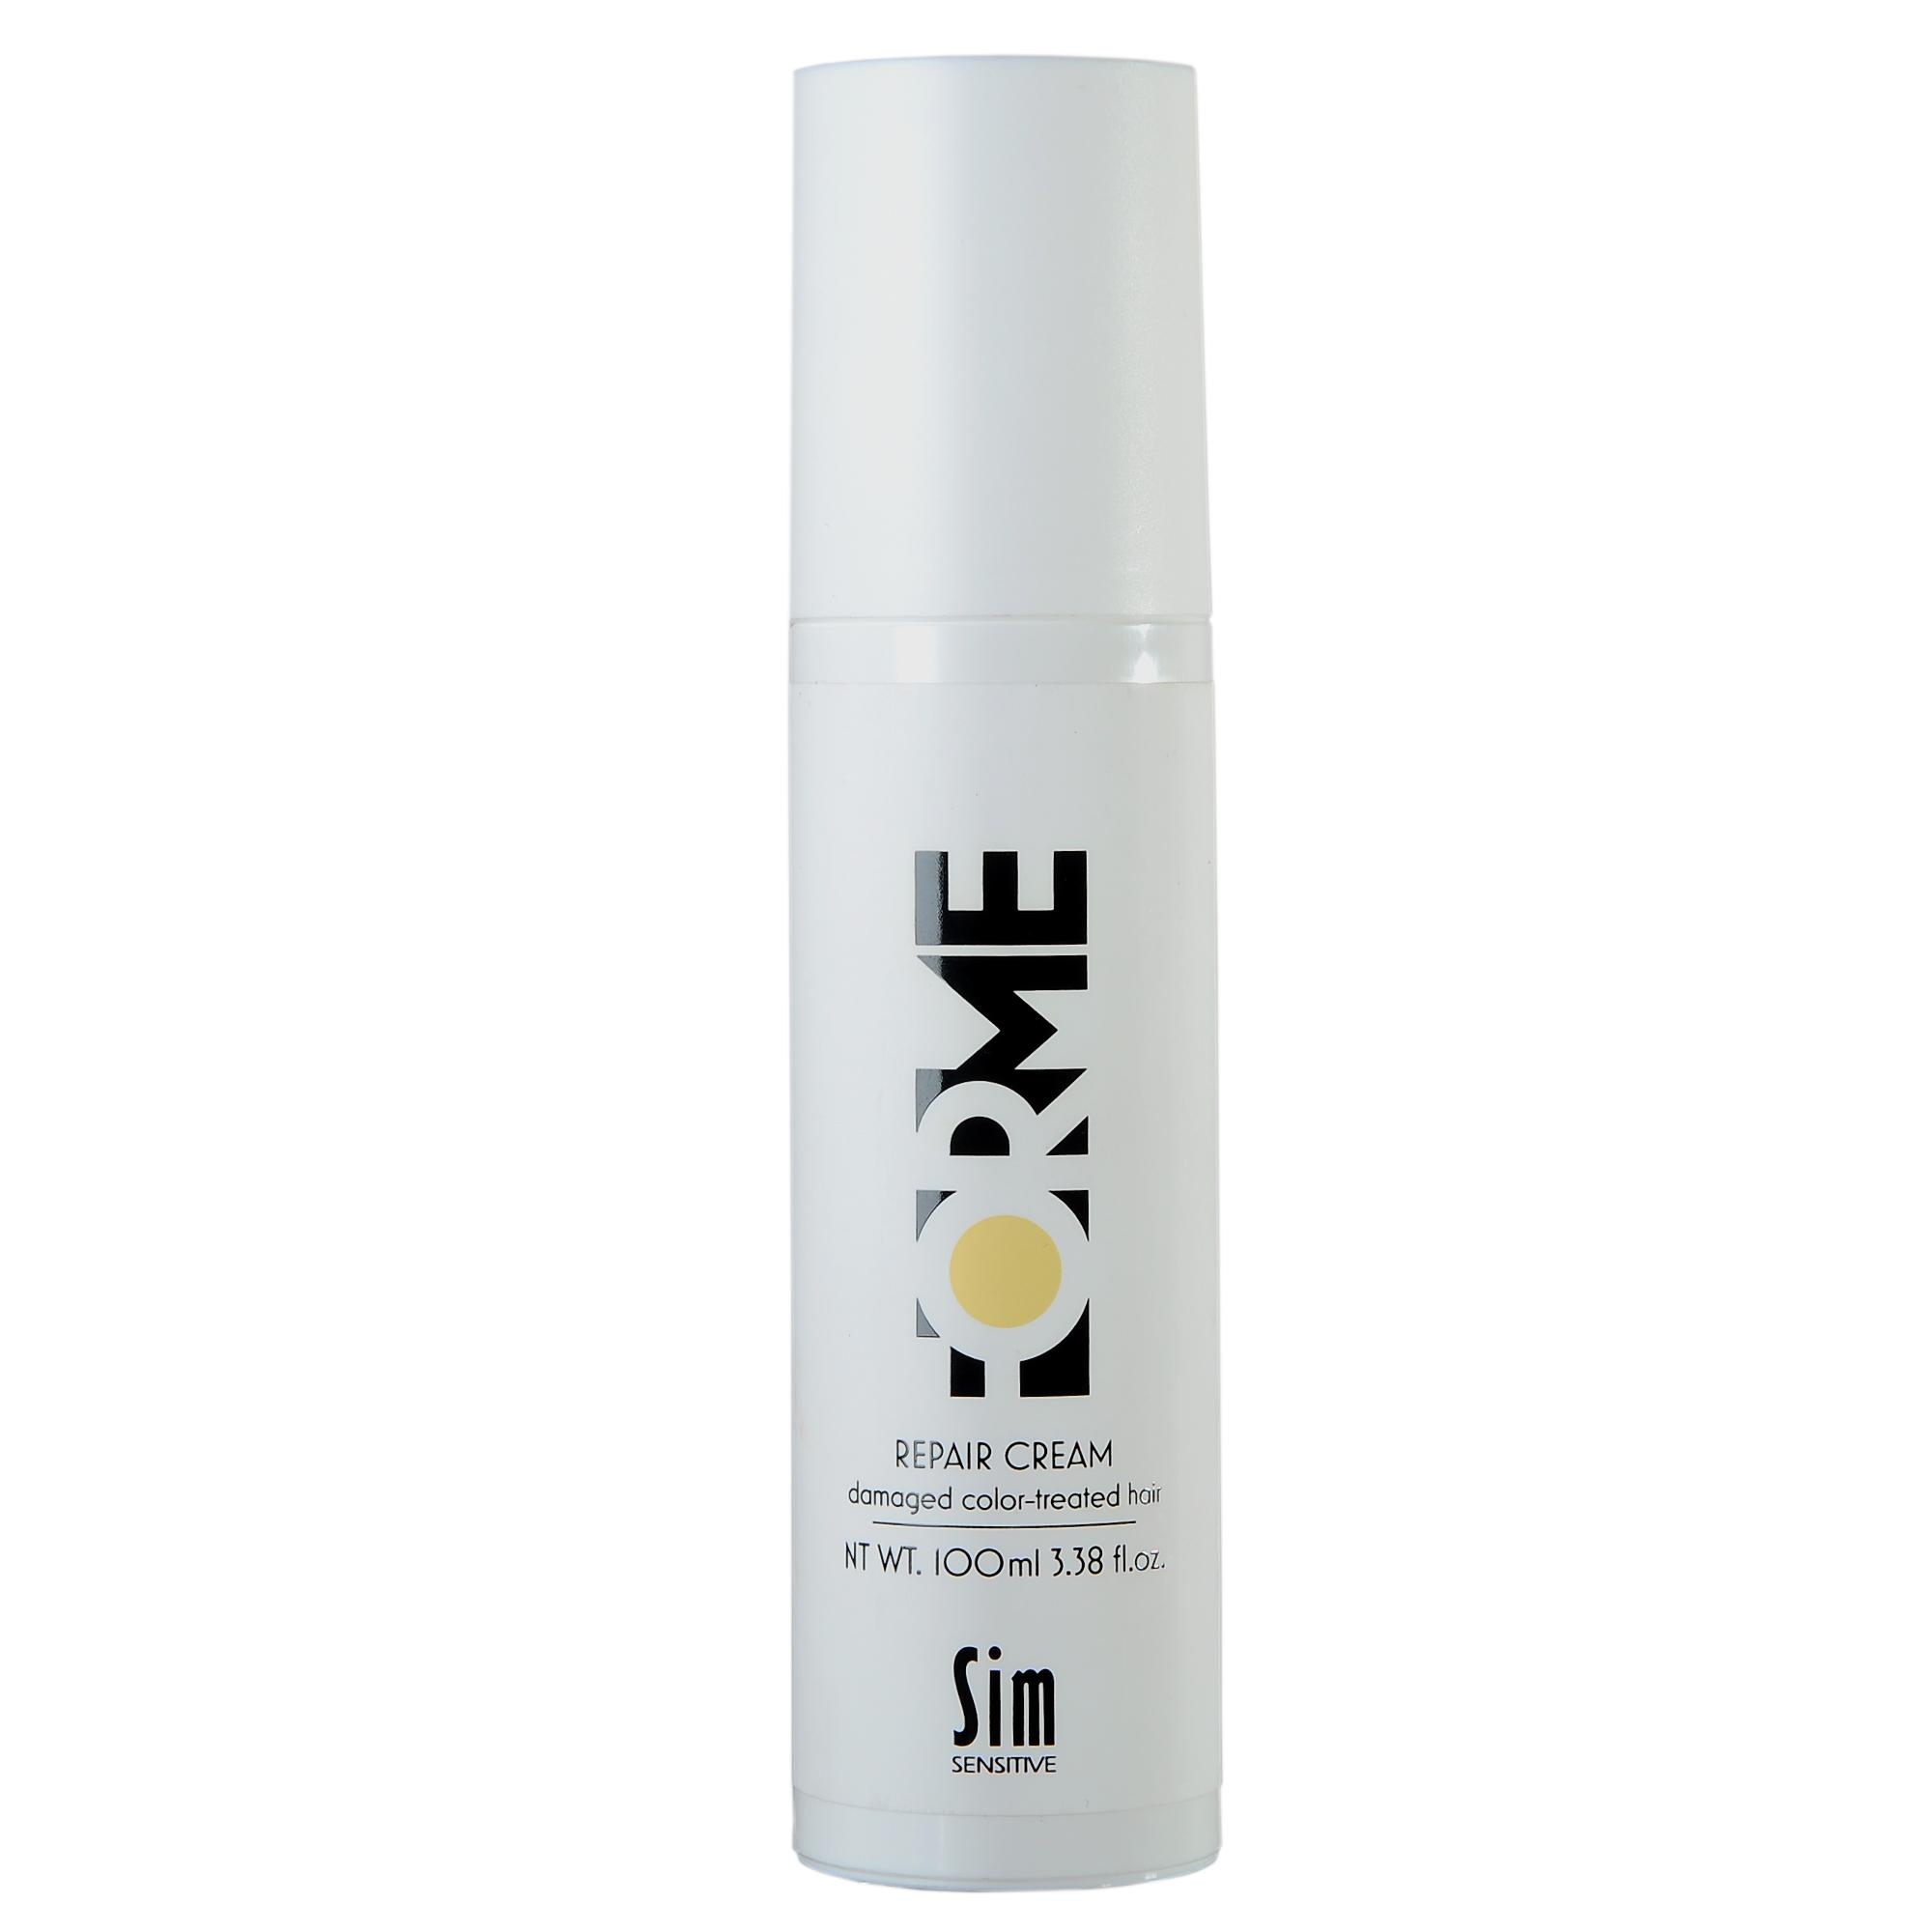 SIM SENSITIVE Крем для волос / Repair Cream FORME 100млКремы<br>Крем для волос Forme Repair   гармоничное дополнение к шампуню, кондиционеру и маске для волос Forme Repair. Крем наносится вымытые волосы с акцентом на концы. Крем содержит масло семян облепихи, которое усиливает действие уходов Forme, подпитывает секущиеся концы и препятствует их дальнейшему расслоению. Крем подходит также как подготовительный этап к укладке на горячих температурах. Защищает от воздействия ультрафиолета. Масло семян облепихи быстро и глубоко проникает внутрь волоса, смягчает и укрепляетего внутри и снаружи. Идеальное средство против секущихся кончиков и ломкости волос. Основной действующий компонент Forme Repair   масло из мякоти и семян облепихи. Масло содержит полезные кислоты омега-9, которые легко проникают в кожу головы и структуру волоса, насыщая их витаминами, а также редкие кислоты омега-7, в частности пальмитолеиновую кислоту. Пальмитолеиновая кислота незаменима для волос, так как входит в состав кожного сала человека. Средства Forme с экстрактом облепихи восполняют недостаток этой кислоты, что препятствует выпадению волос и оказывает противогрибковое действие, придают блеск и укрепляют здоровье. Уходы Forme можно использовать как в комплексе для достижения максимального эффекта, так и по отдельности. Активный ингредиент:&amp;nbsp;масло семян облепихи. Способ применения: нанесите небольшое количество крема на высушенные полотенцем волосы. НЕ СМЫВАЙТЕ. Далее высушите волосы как обычно.<br>